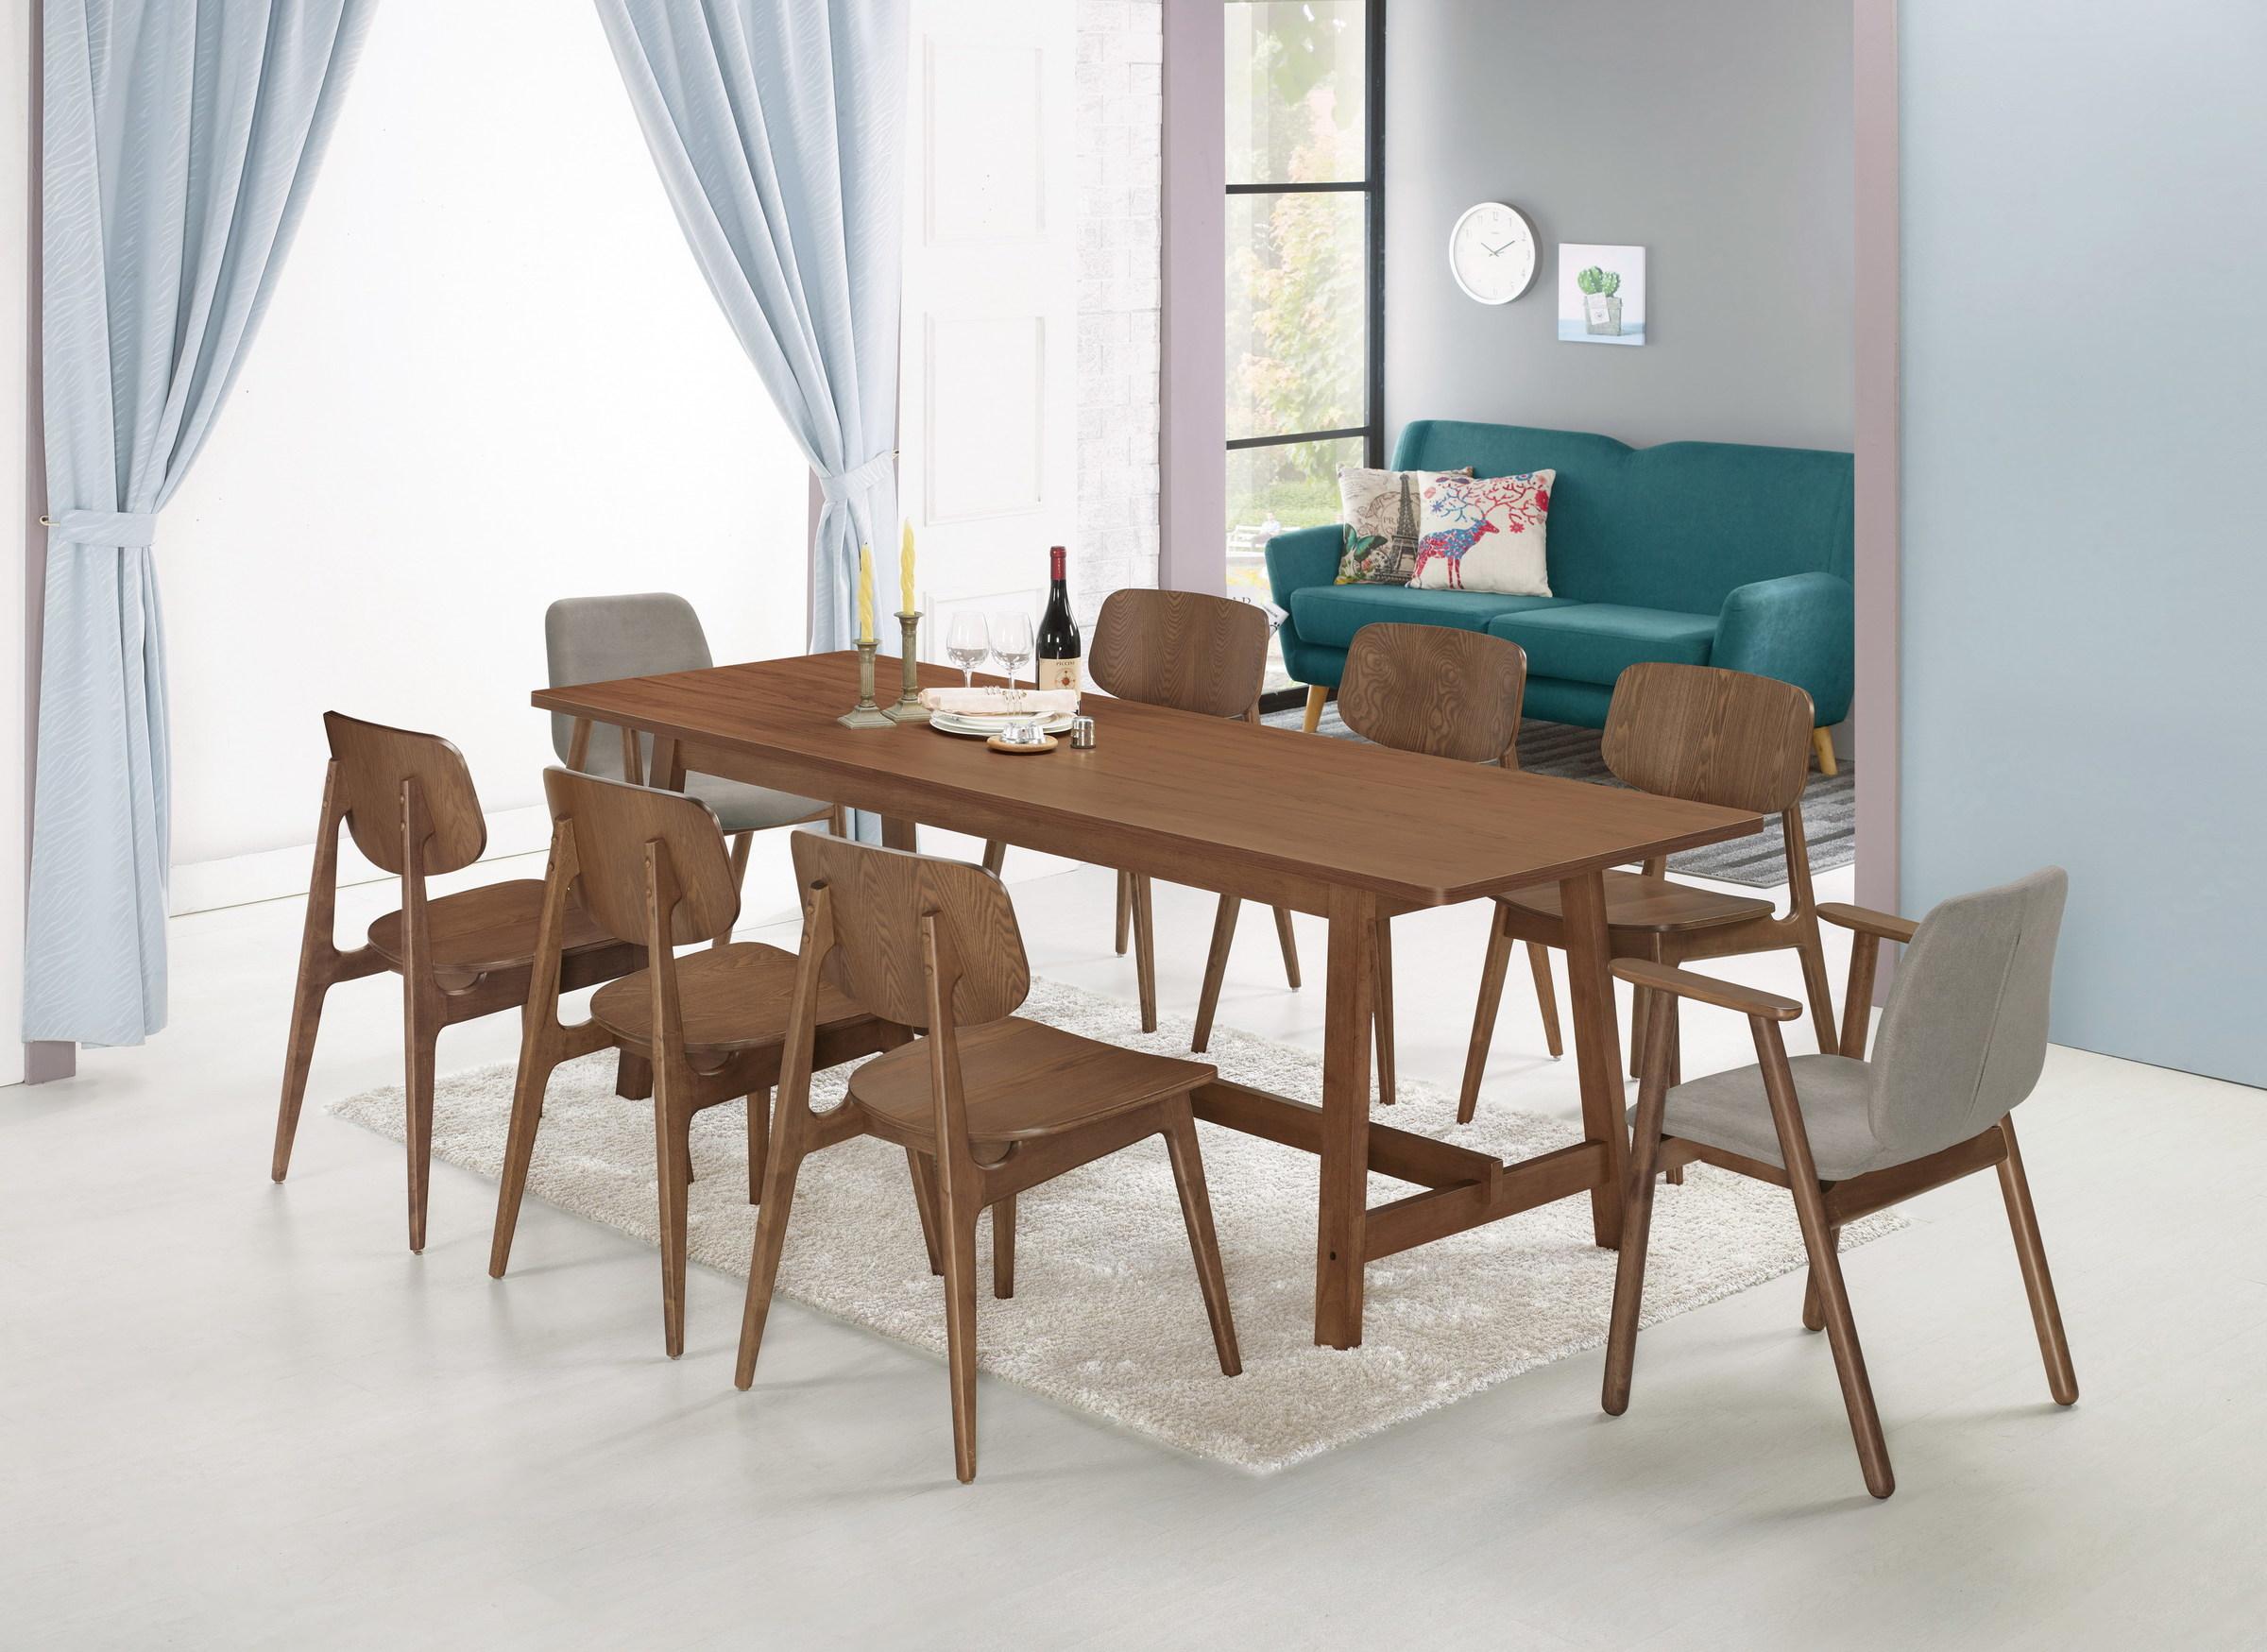 423-1 艾布納7.4尺胡桃餐桌+513-1+513-11.jpg